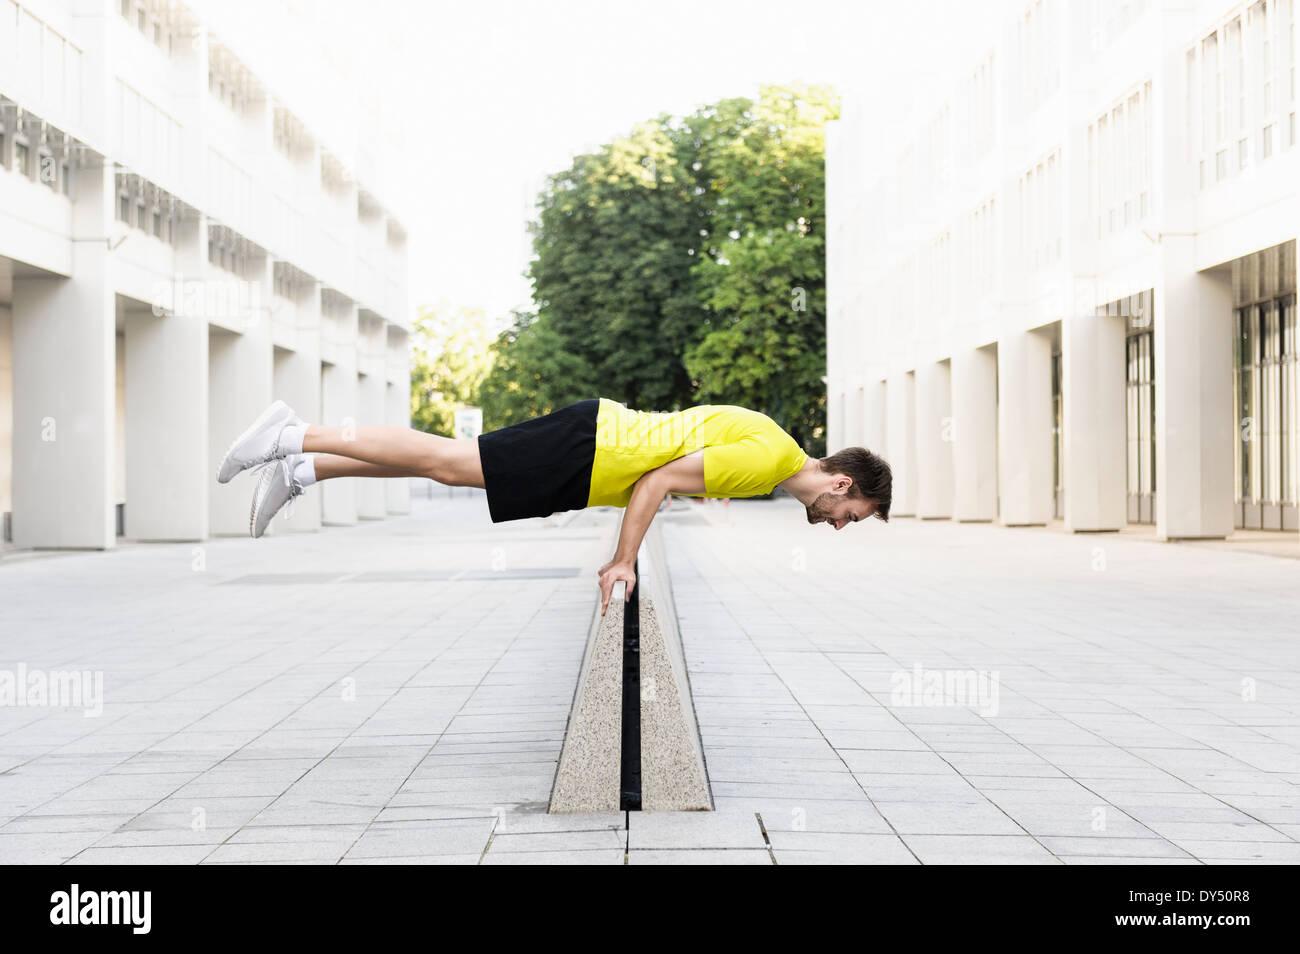 Young man balancing horizontally on divider - Stock Image